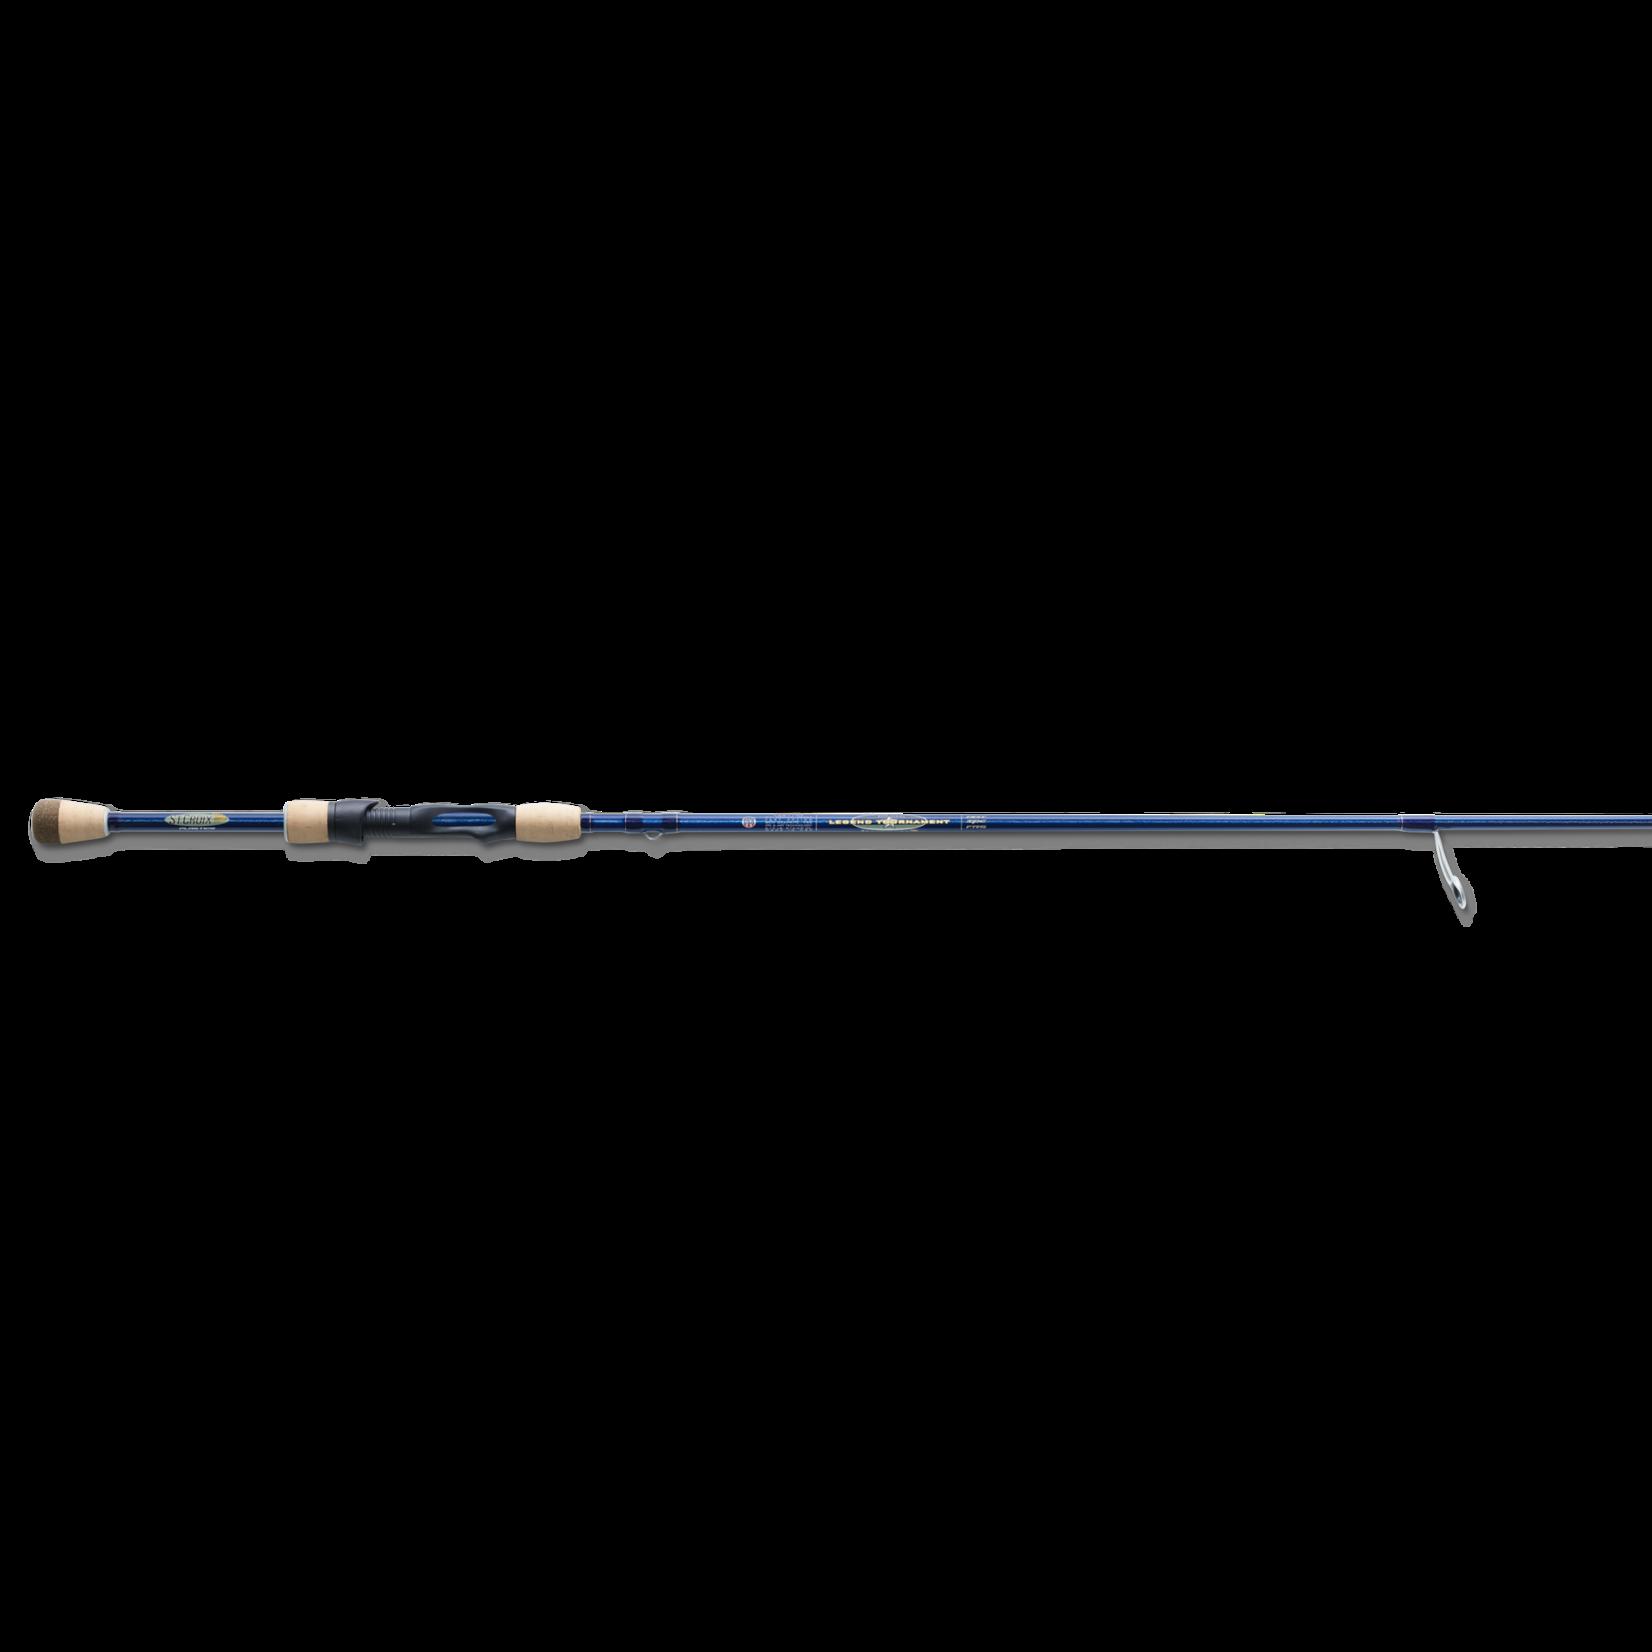 St. Croix Legend Tournament Bass Spinning/Lbs71Mhxf